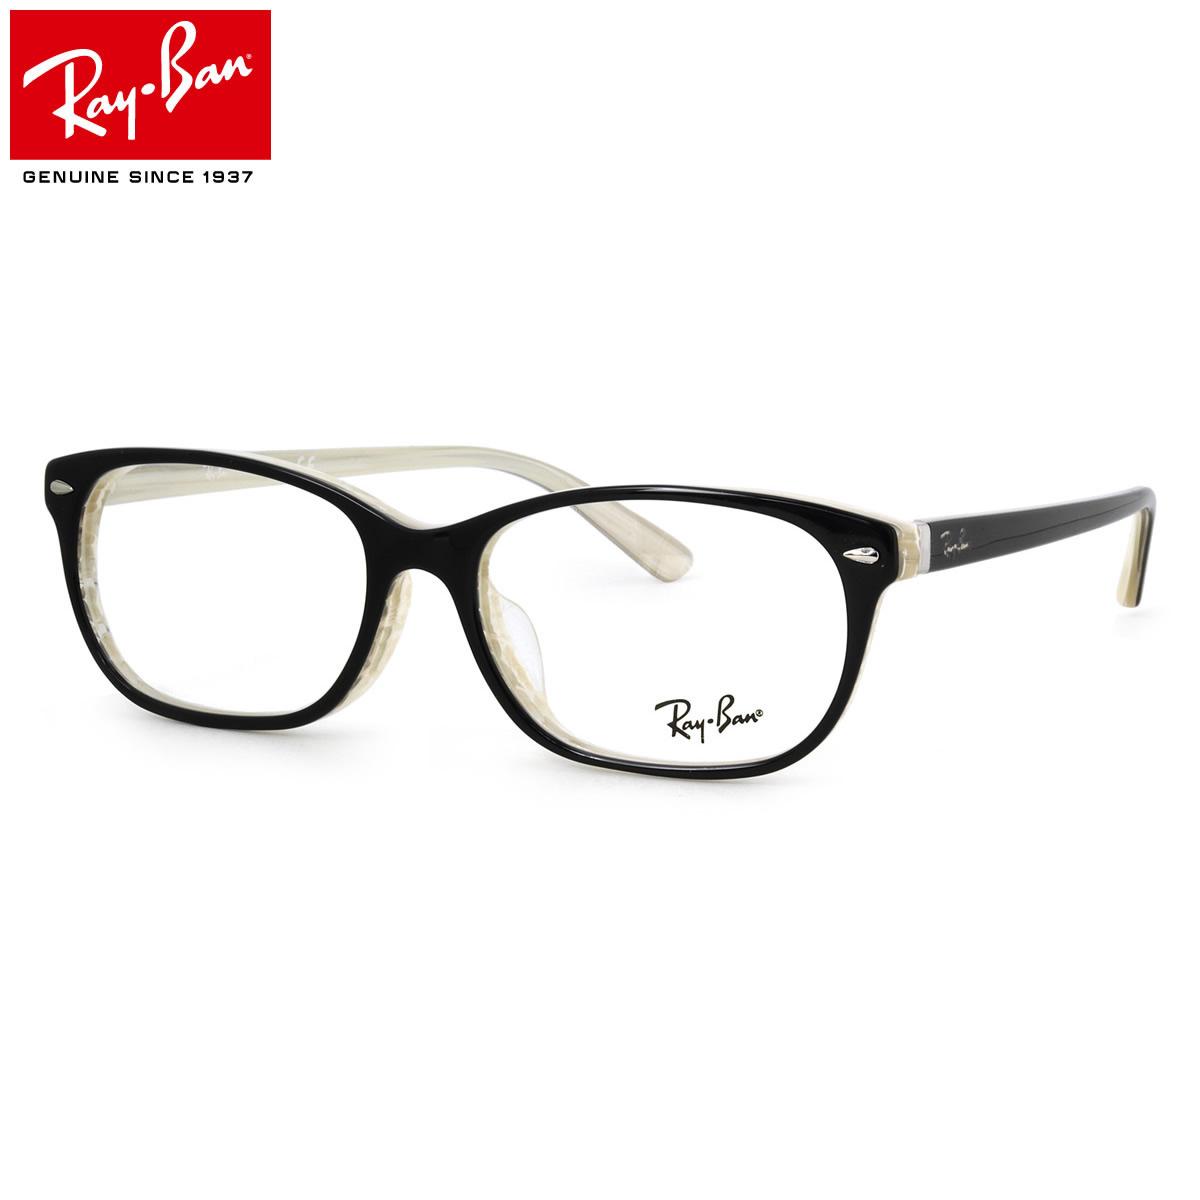 【10月30日からエントリーで全品ポイント20倍】レイバン メガネ フレーム Ray-Ban RX5208D 2464 54サイズ ウェリントン スクエア レイバン RAYBAN メンズ レディース